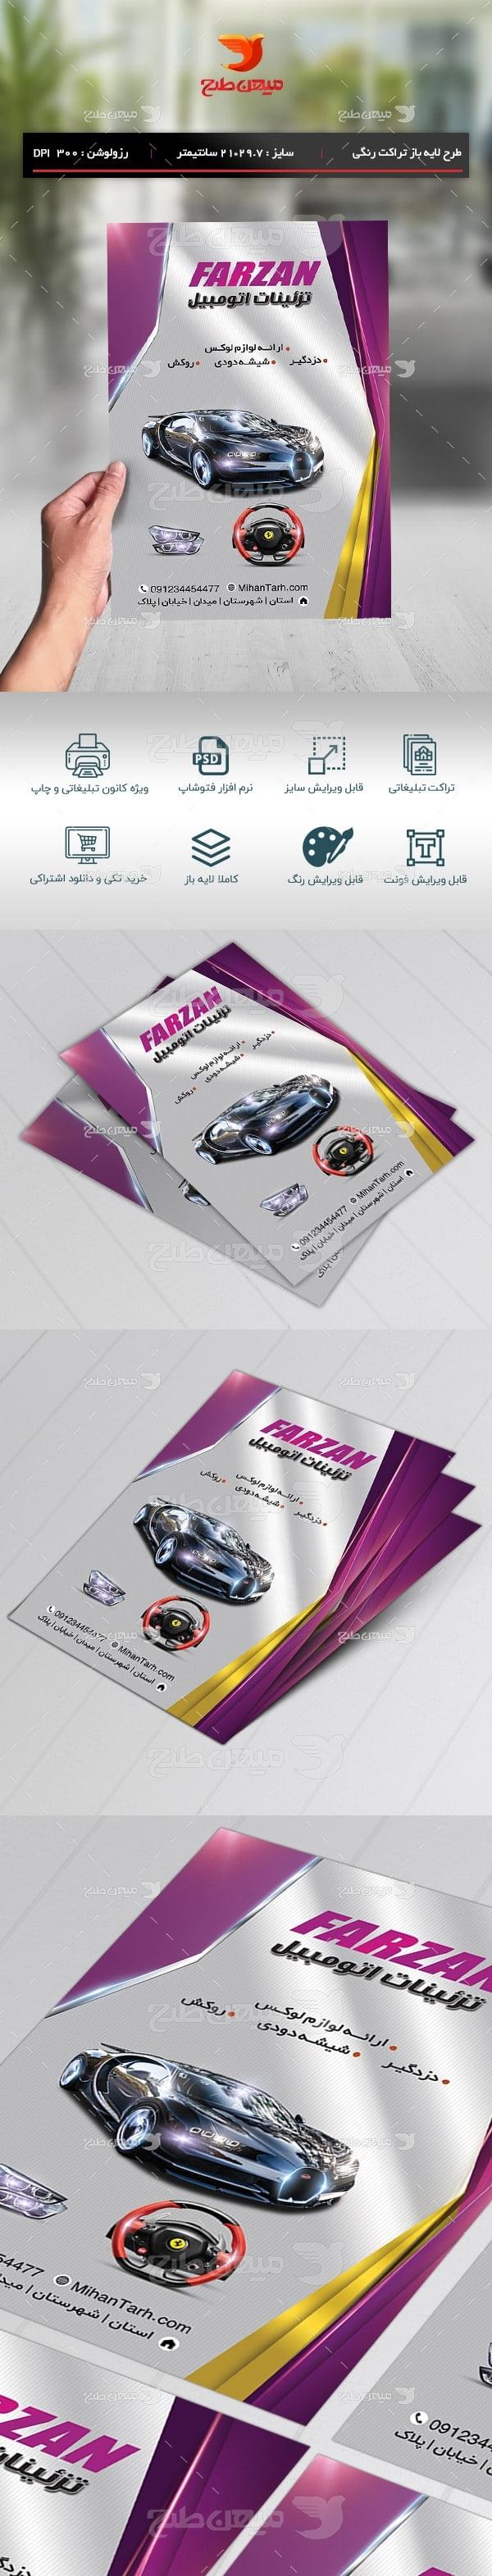 طرح لایه باز تراکت رنگی فروشگاه تزئینات اتومبیل